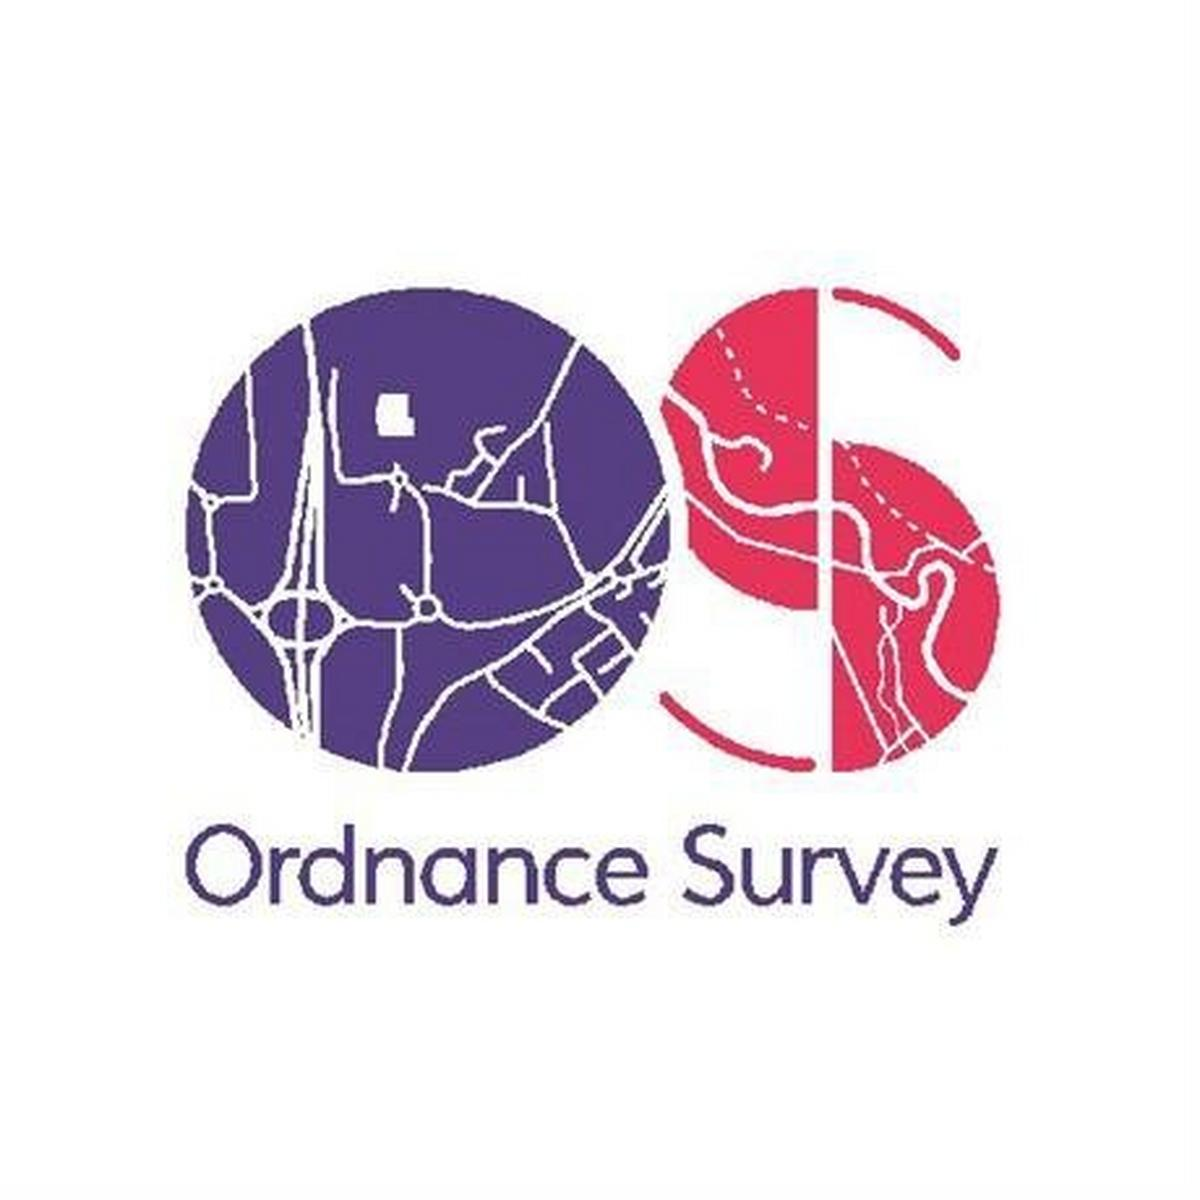 Ordnance Survey The Ordnance Survey Puzzle Book